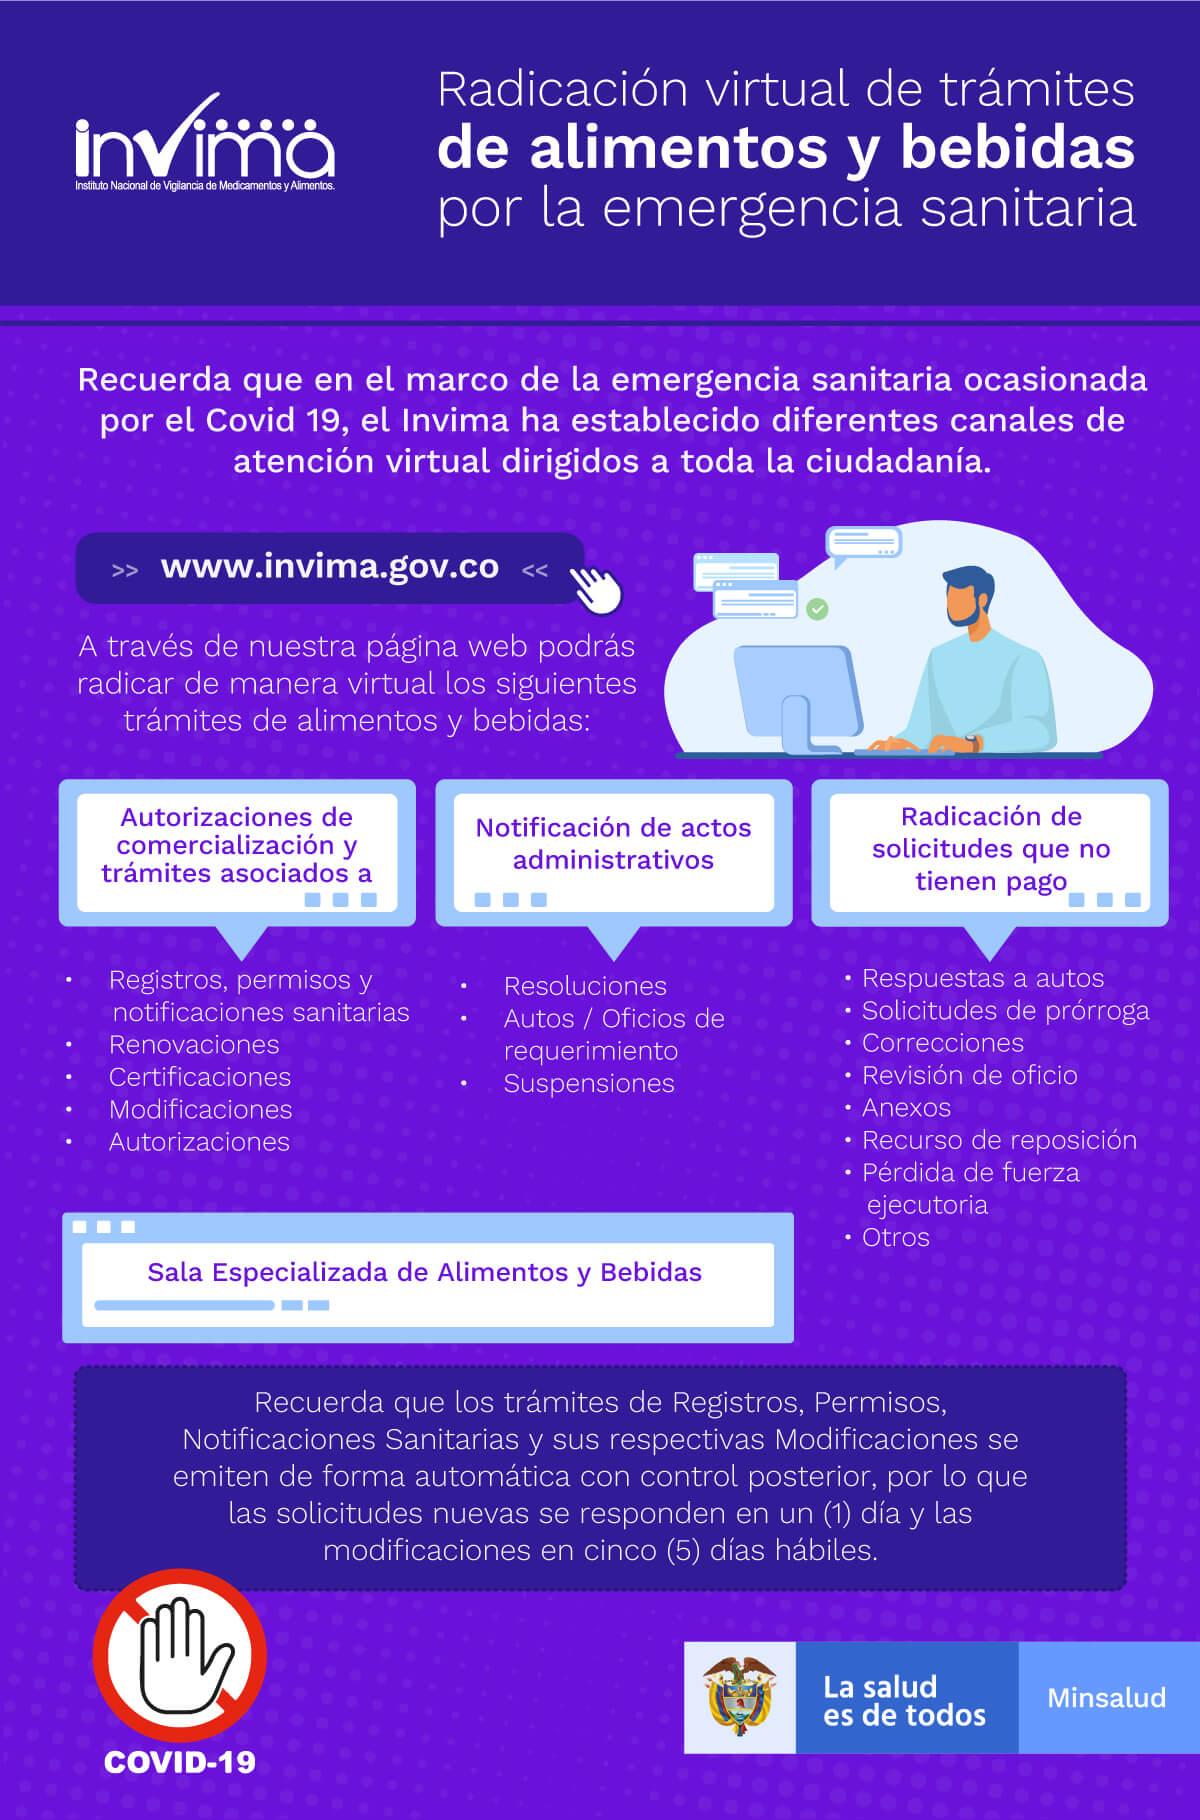 Radicación virtual de trámites de alimentos y bebidas por la emergencia sanitaria